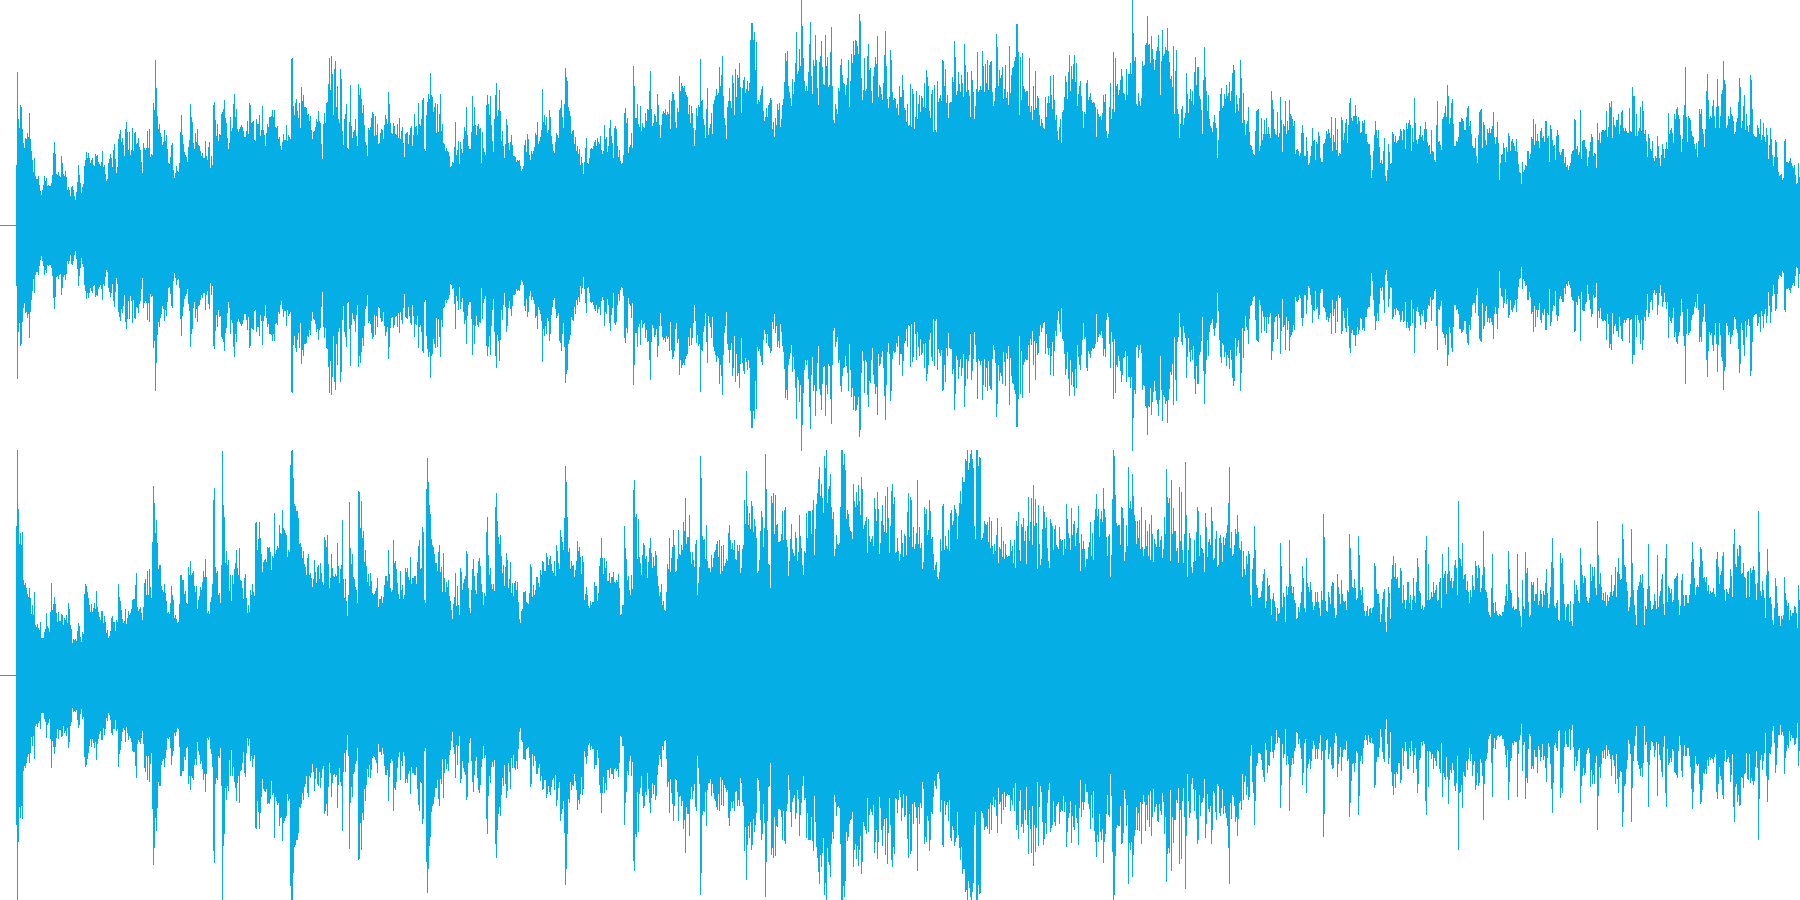 ・RPGなど、ゲームのフィールド音楽を…の再生済みの波形